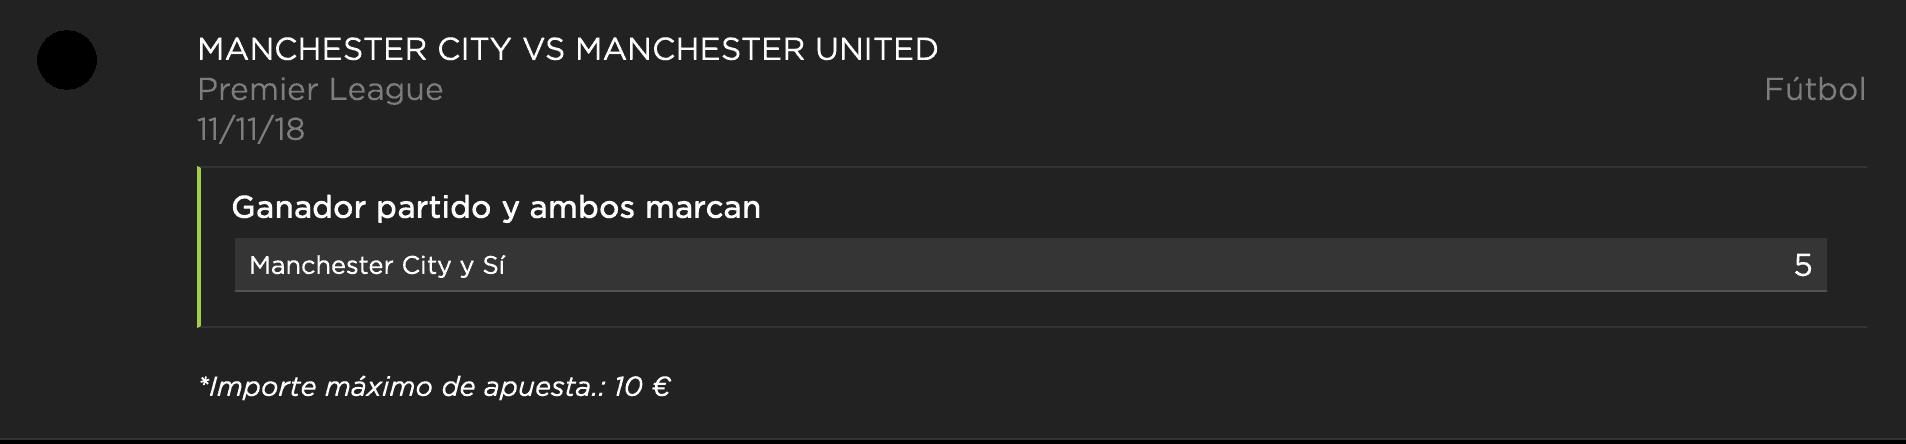 Supercuotas vivelasuerte Premier League Manchester City - Manchester United